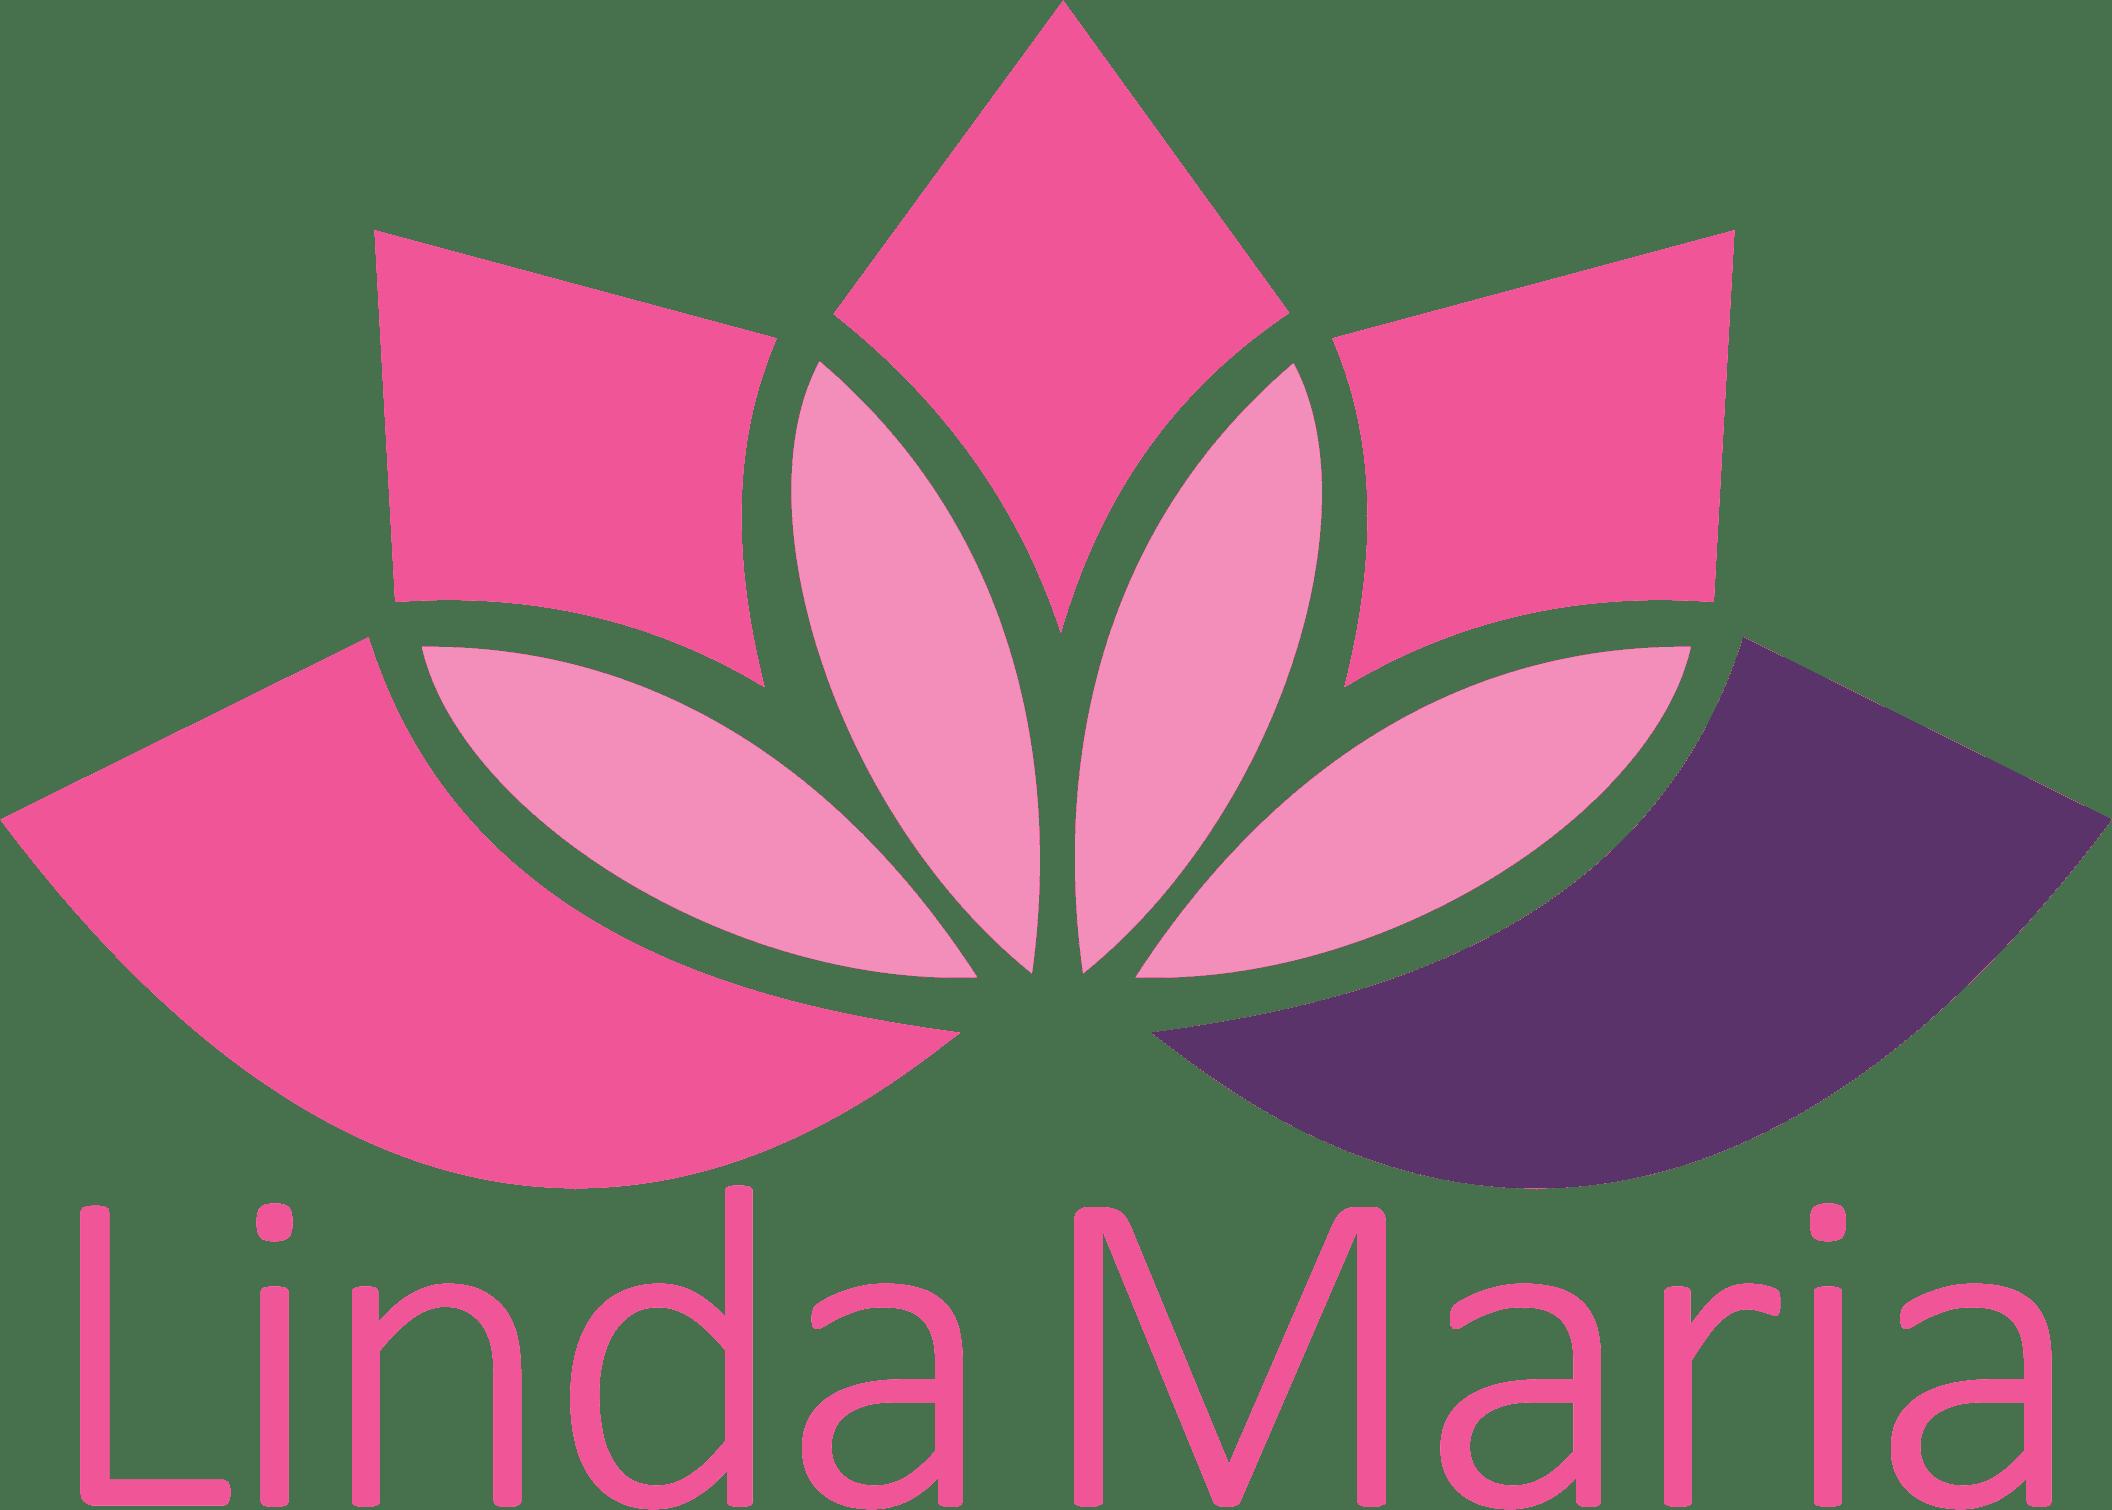 ed2f6c469 Linda Maria s Online Shop